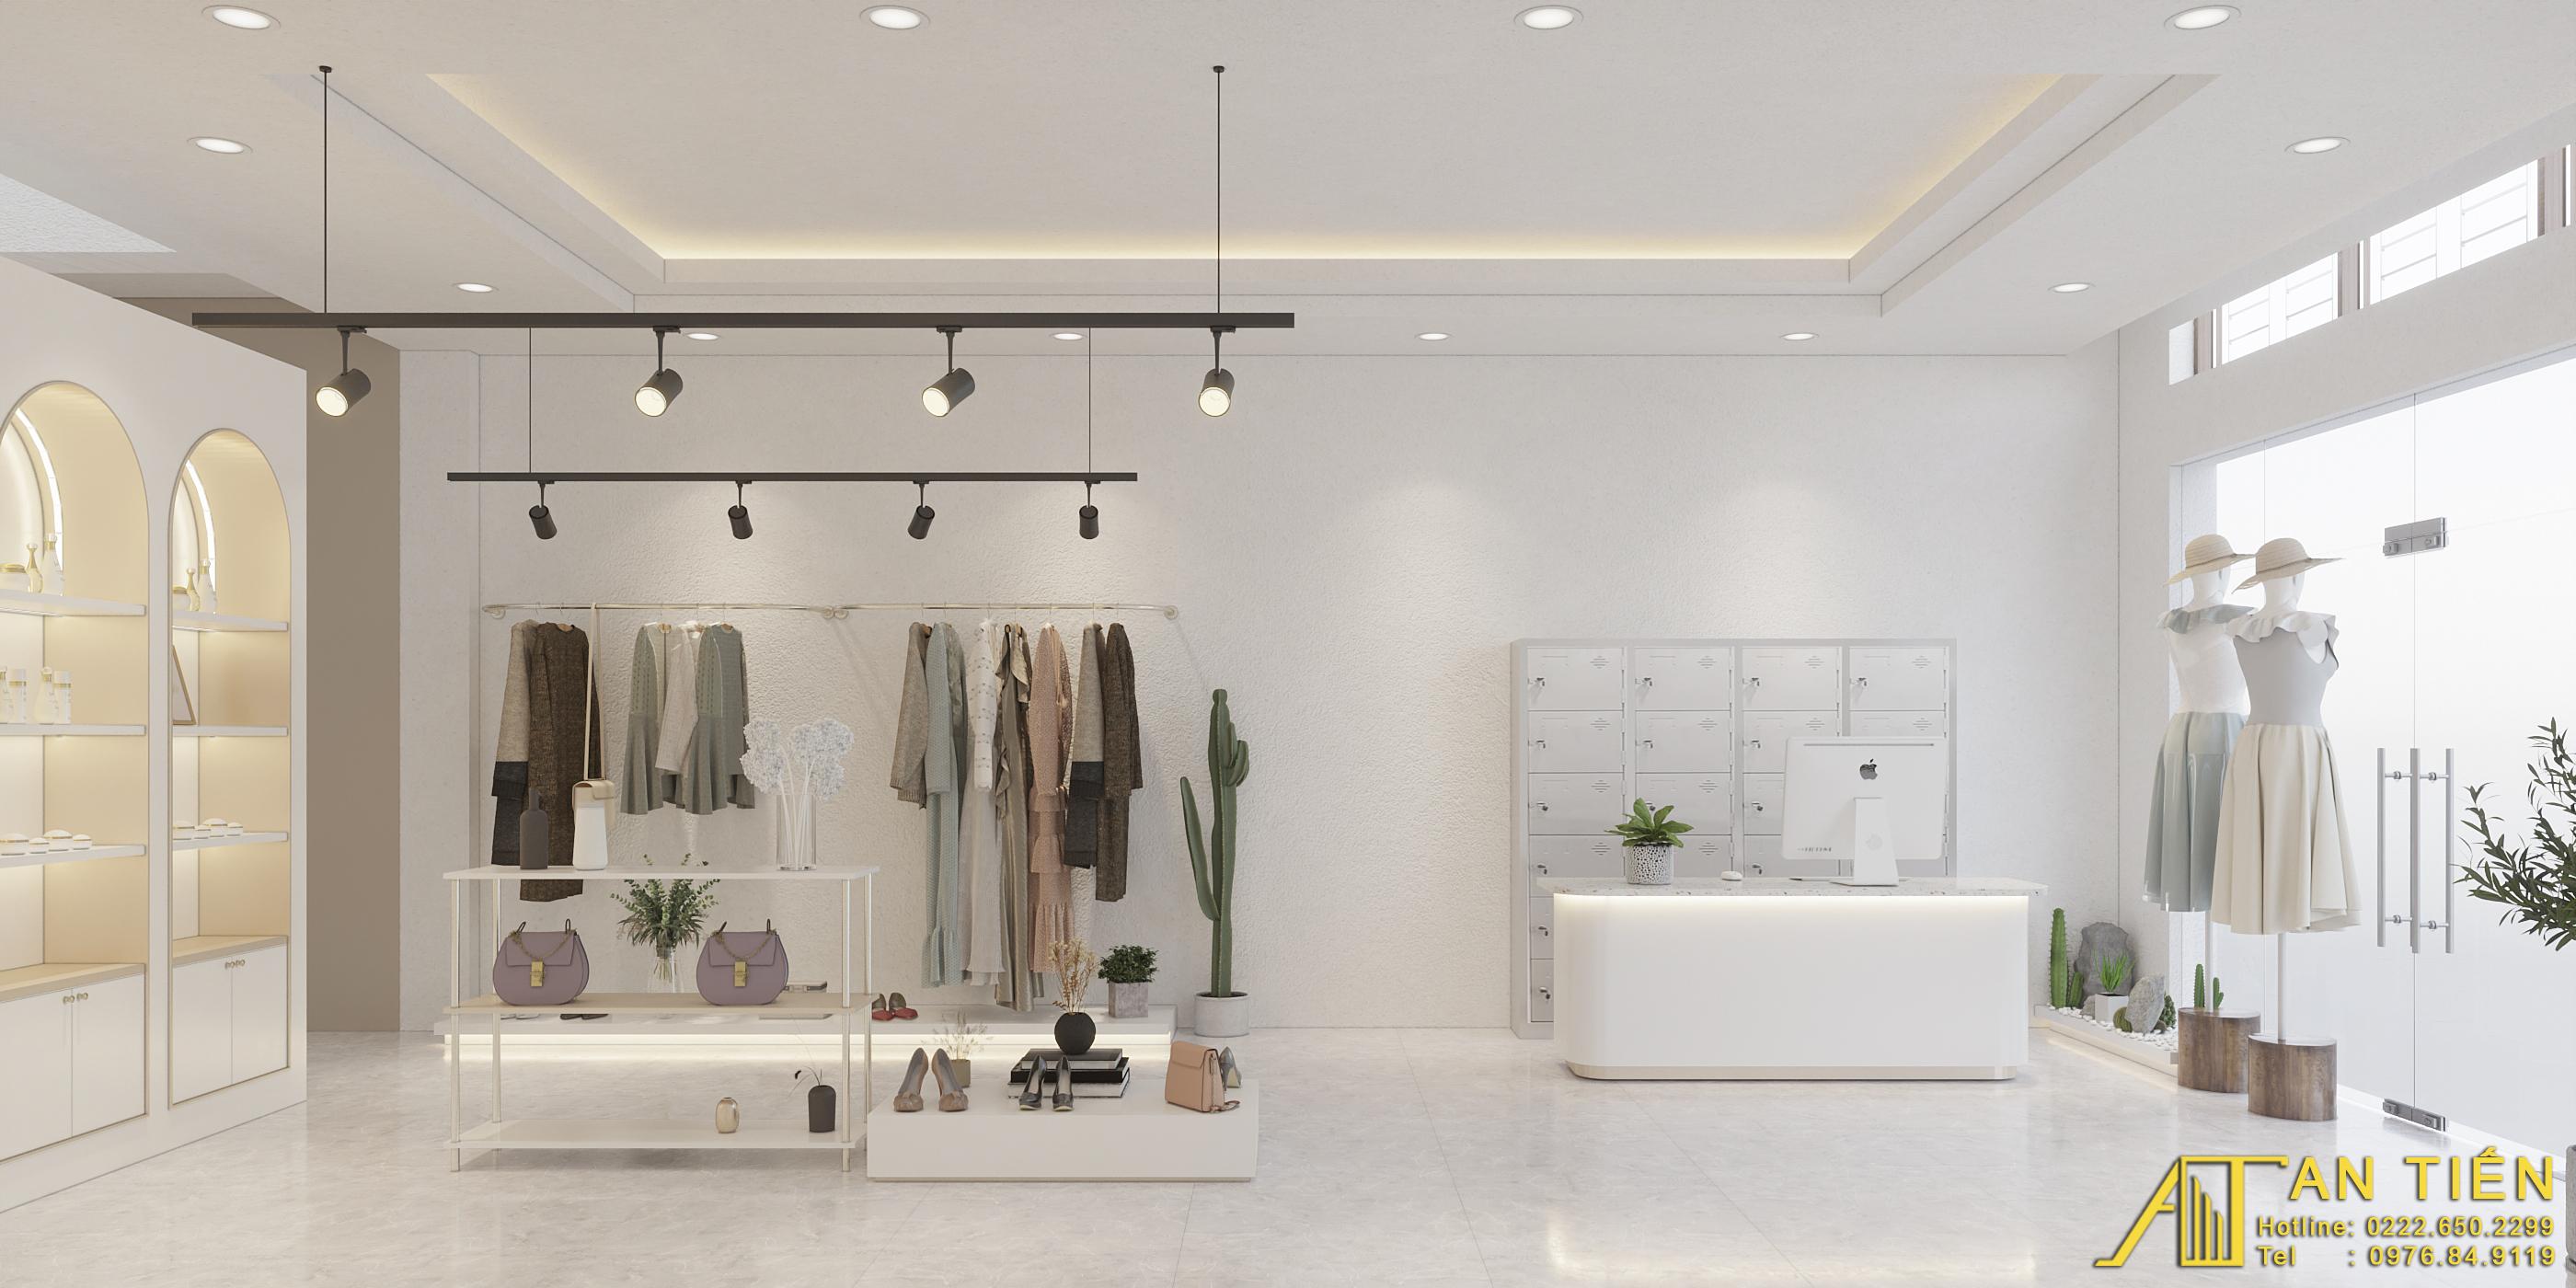 Thiết kế nội thất Shop tại Bắc Ninh Shop quần áo Bắc Ninh 1634097310 2